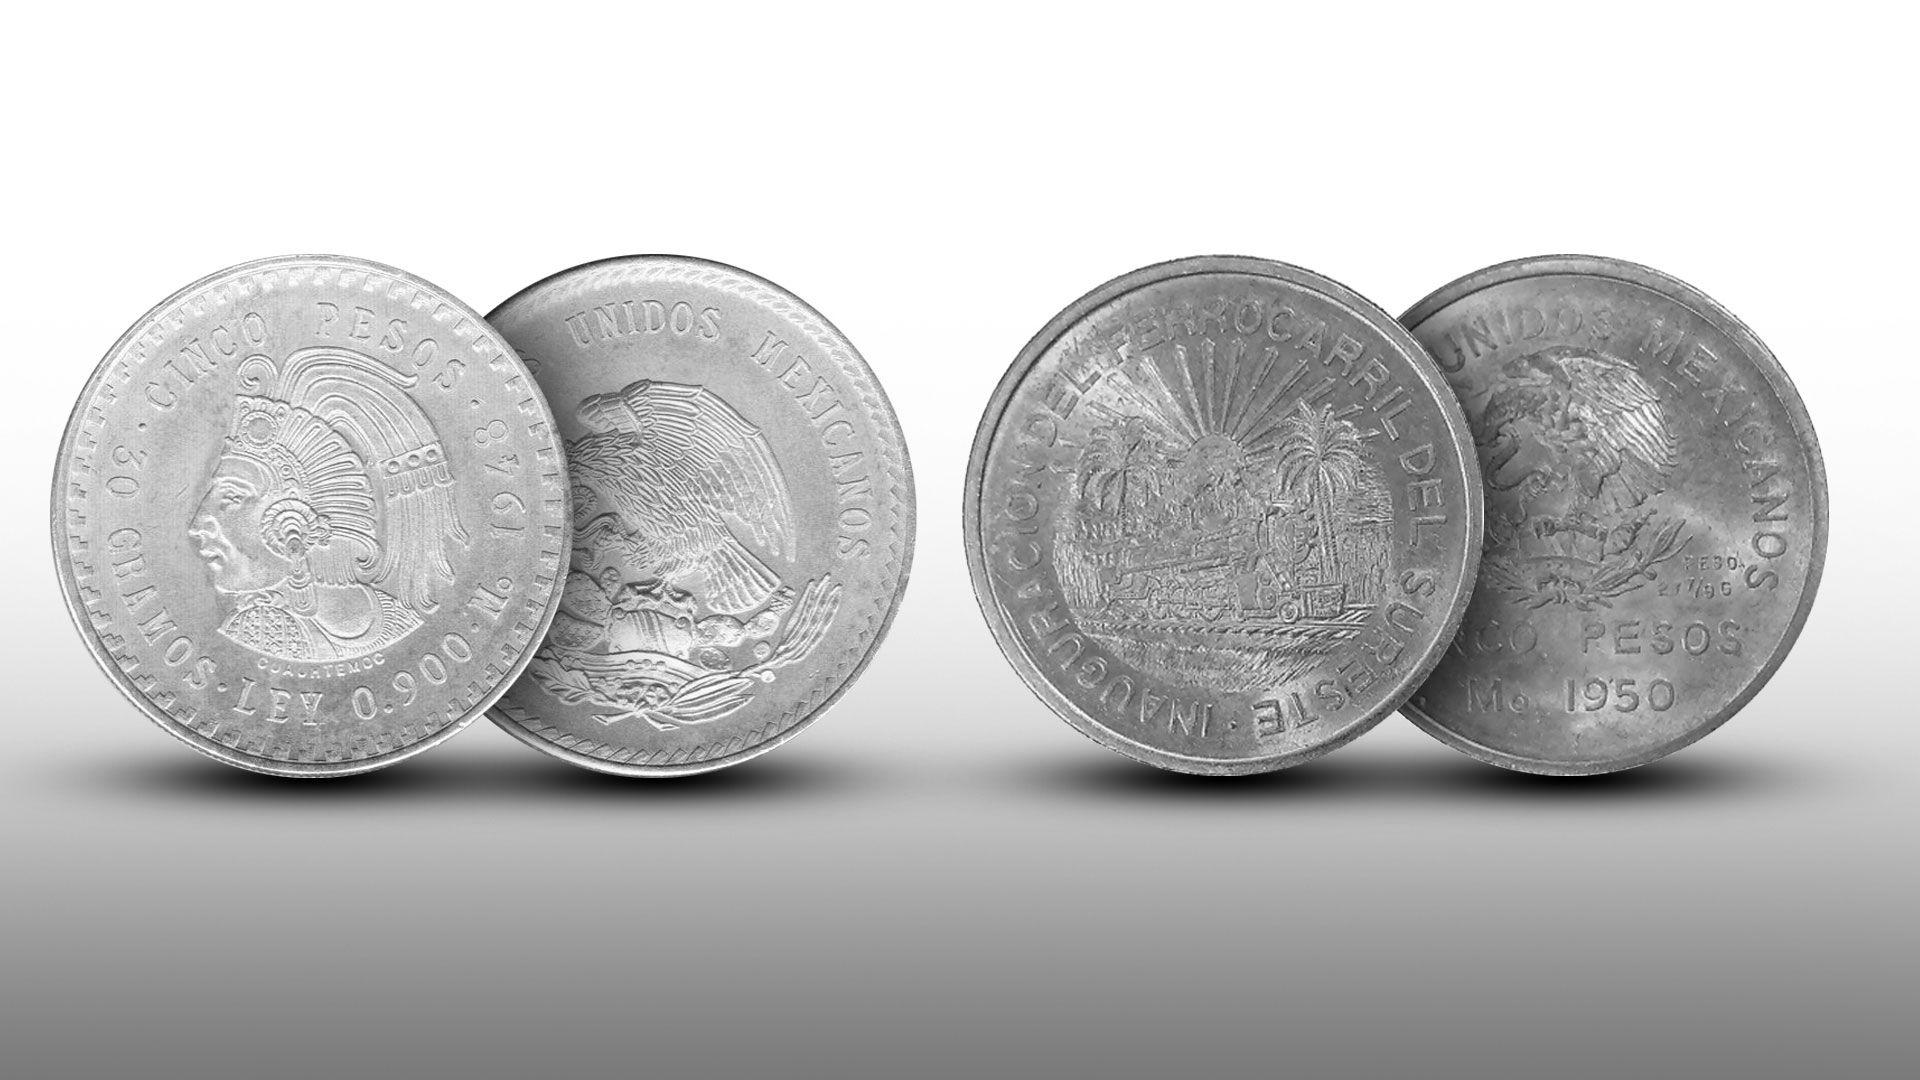 monedas plata. Infobae